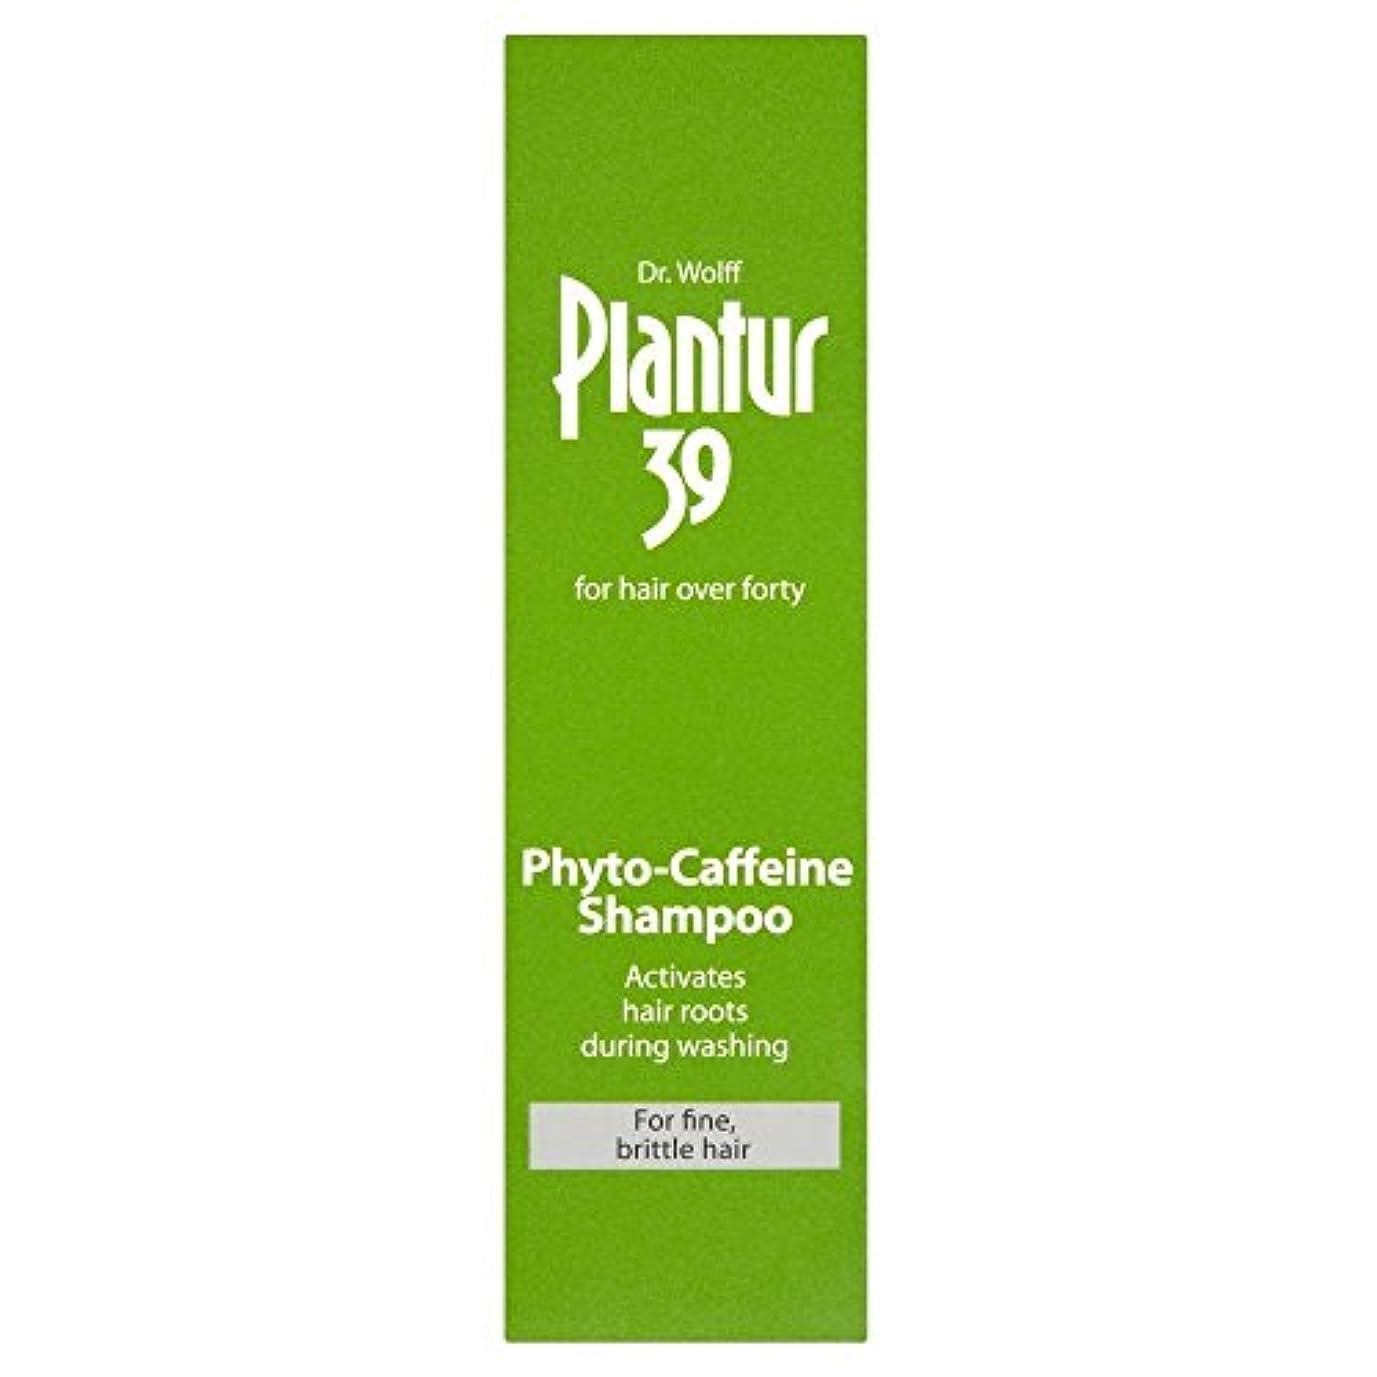 補償頂点蒸留するPlantur 39 Phyto Caffeine Shampoo for Coloured & Stressed Hair (250ml) 色や髪を強調した( 250ミリリットル)のための39フィトのカフェインシャンプー...